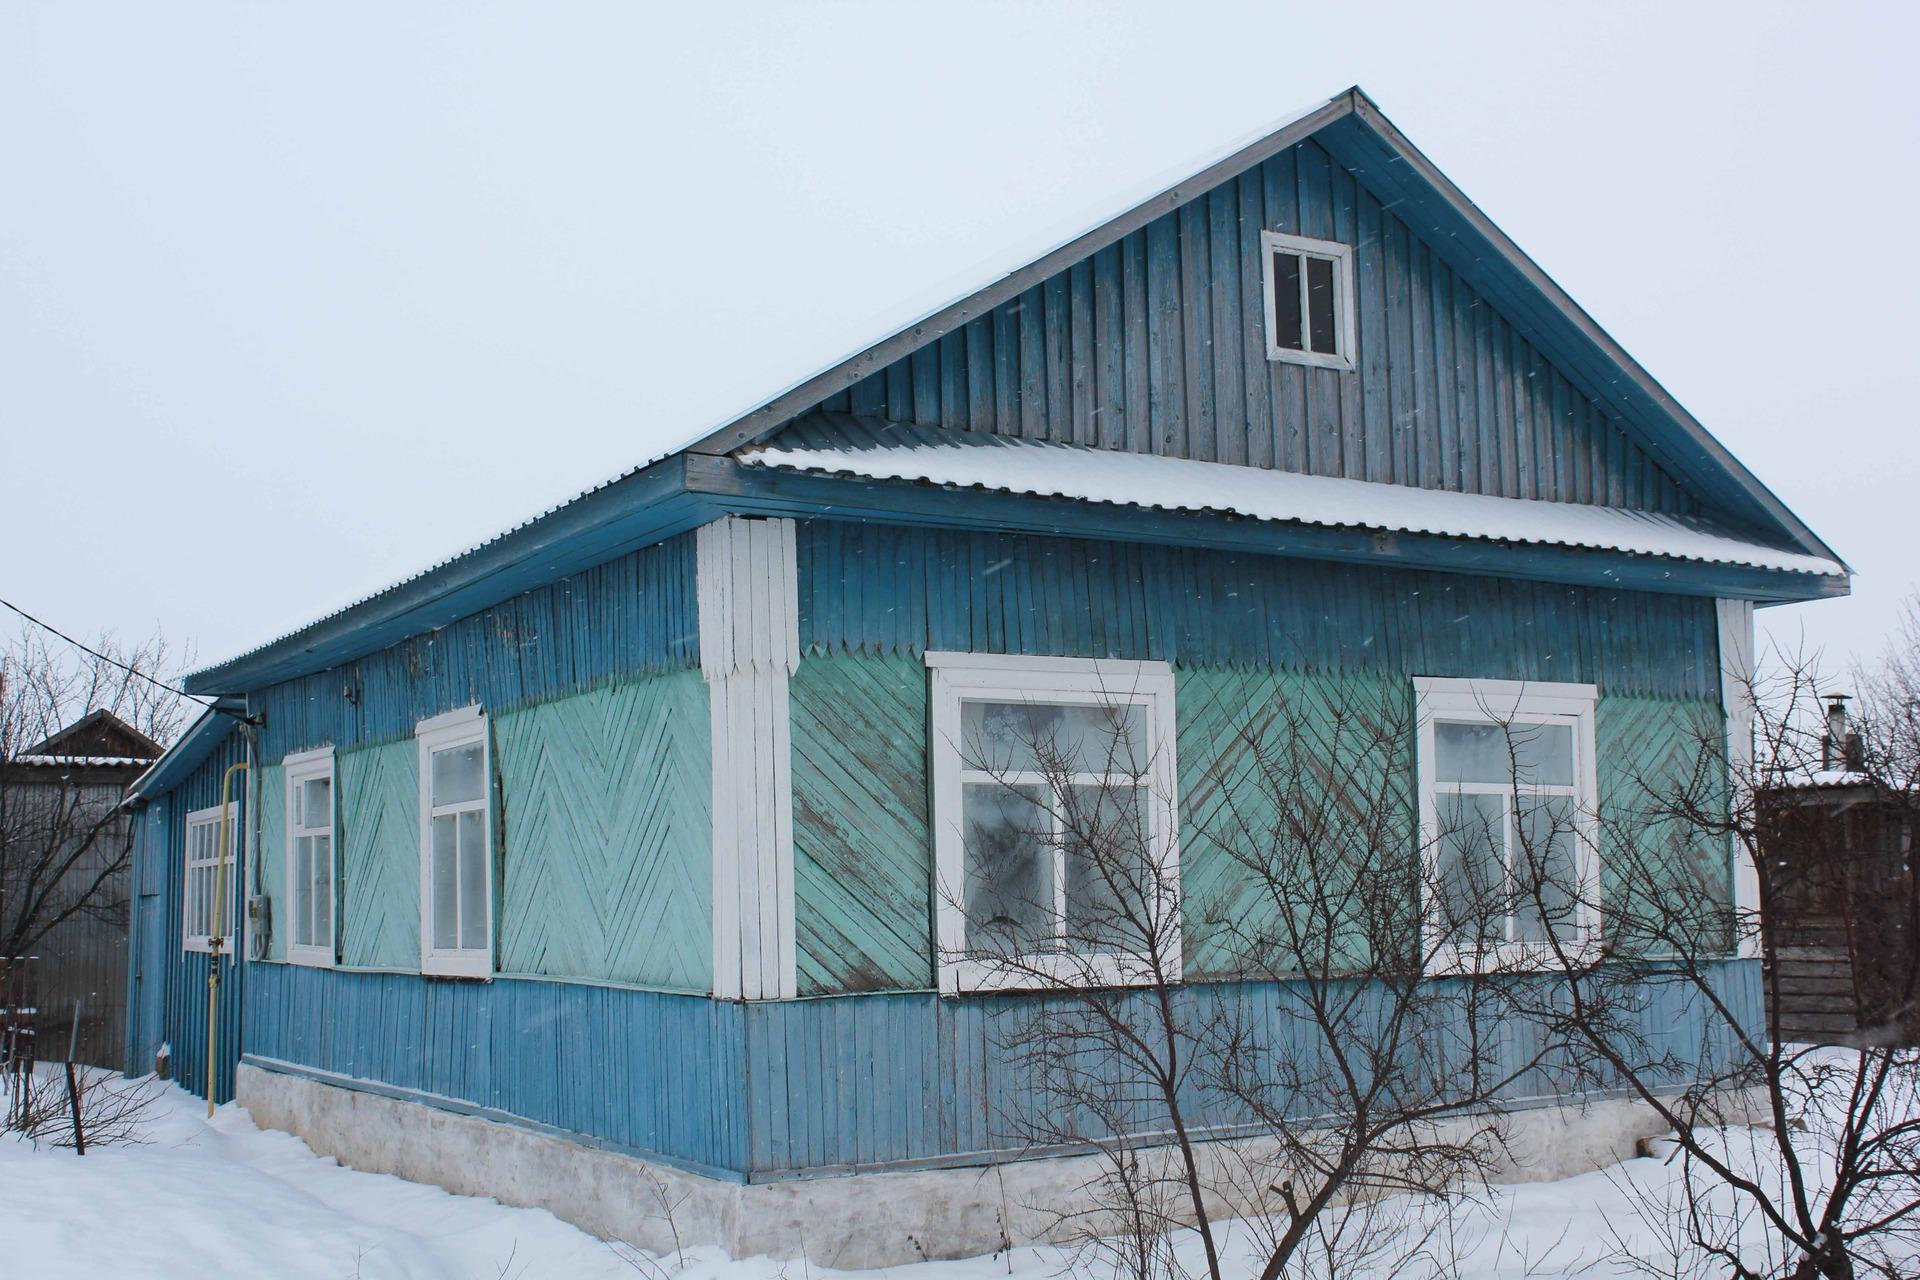 Недвижимость в ижевске дома частные объявления ауди 80 частные объявления